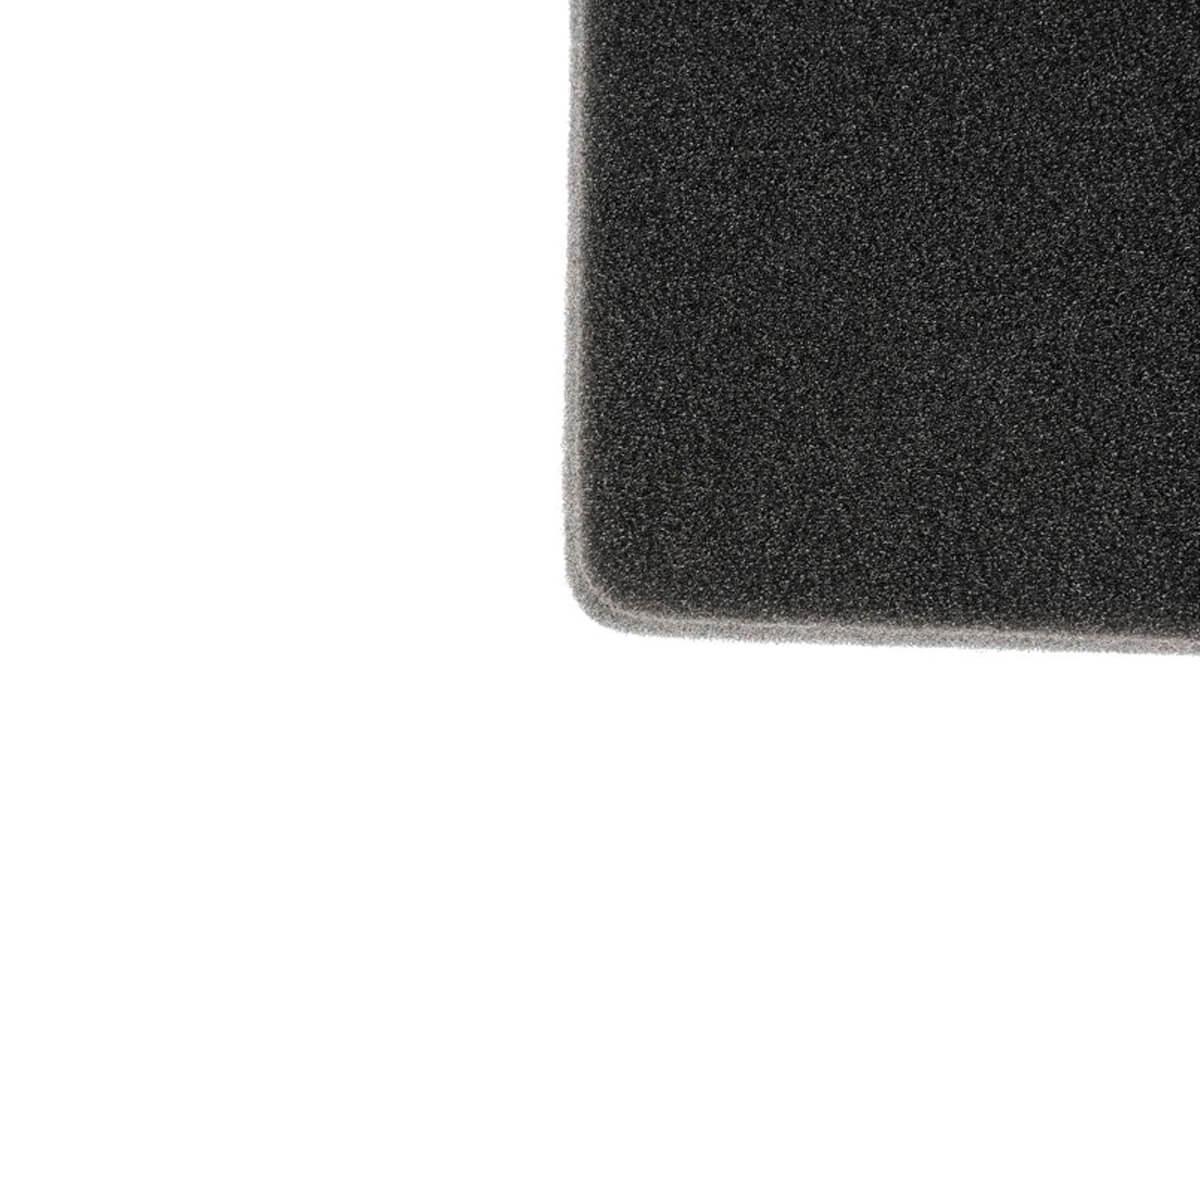 Filtro Exaustão De Espuma Para Aspirador De Pó Electrolux SUP11 ULA10 - 1180215012